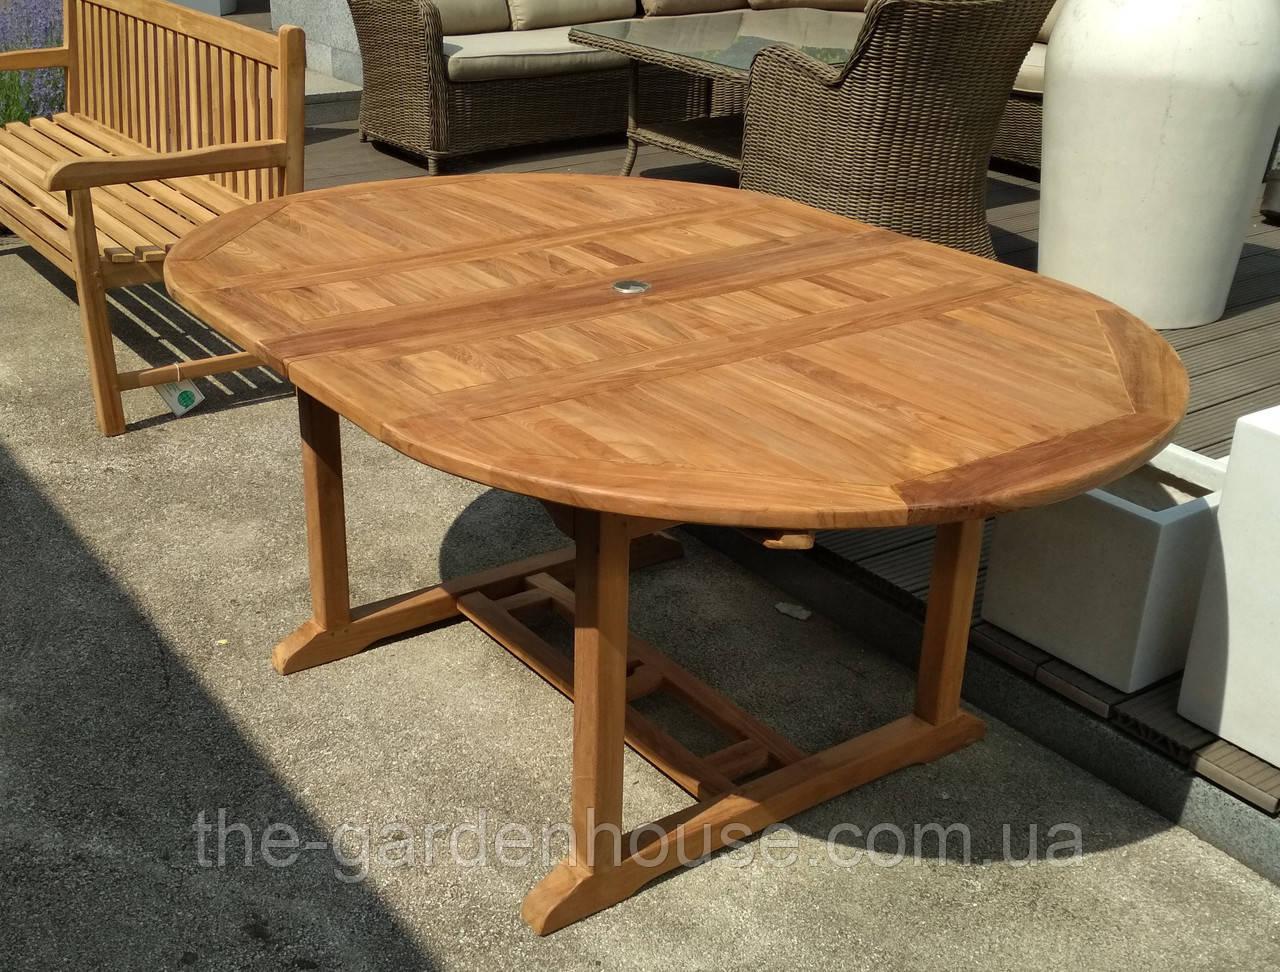 Обеденный садовый стол GIORGY из тикового дерева раскладной 120/170*120 см